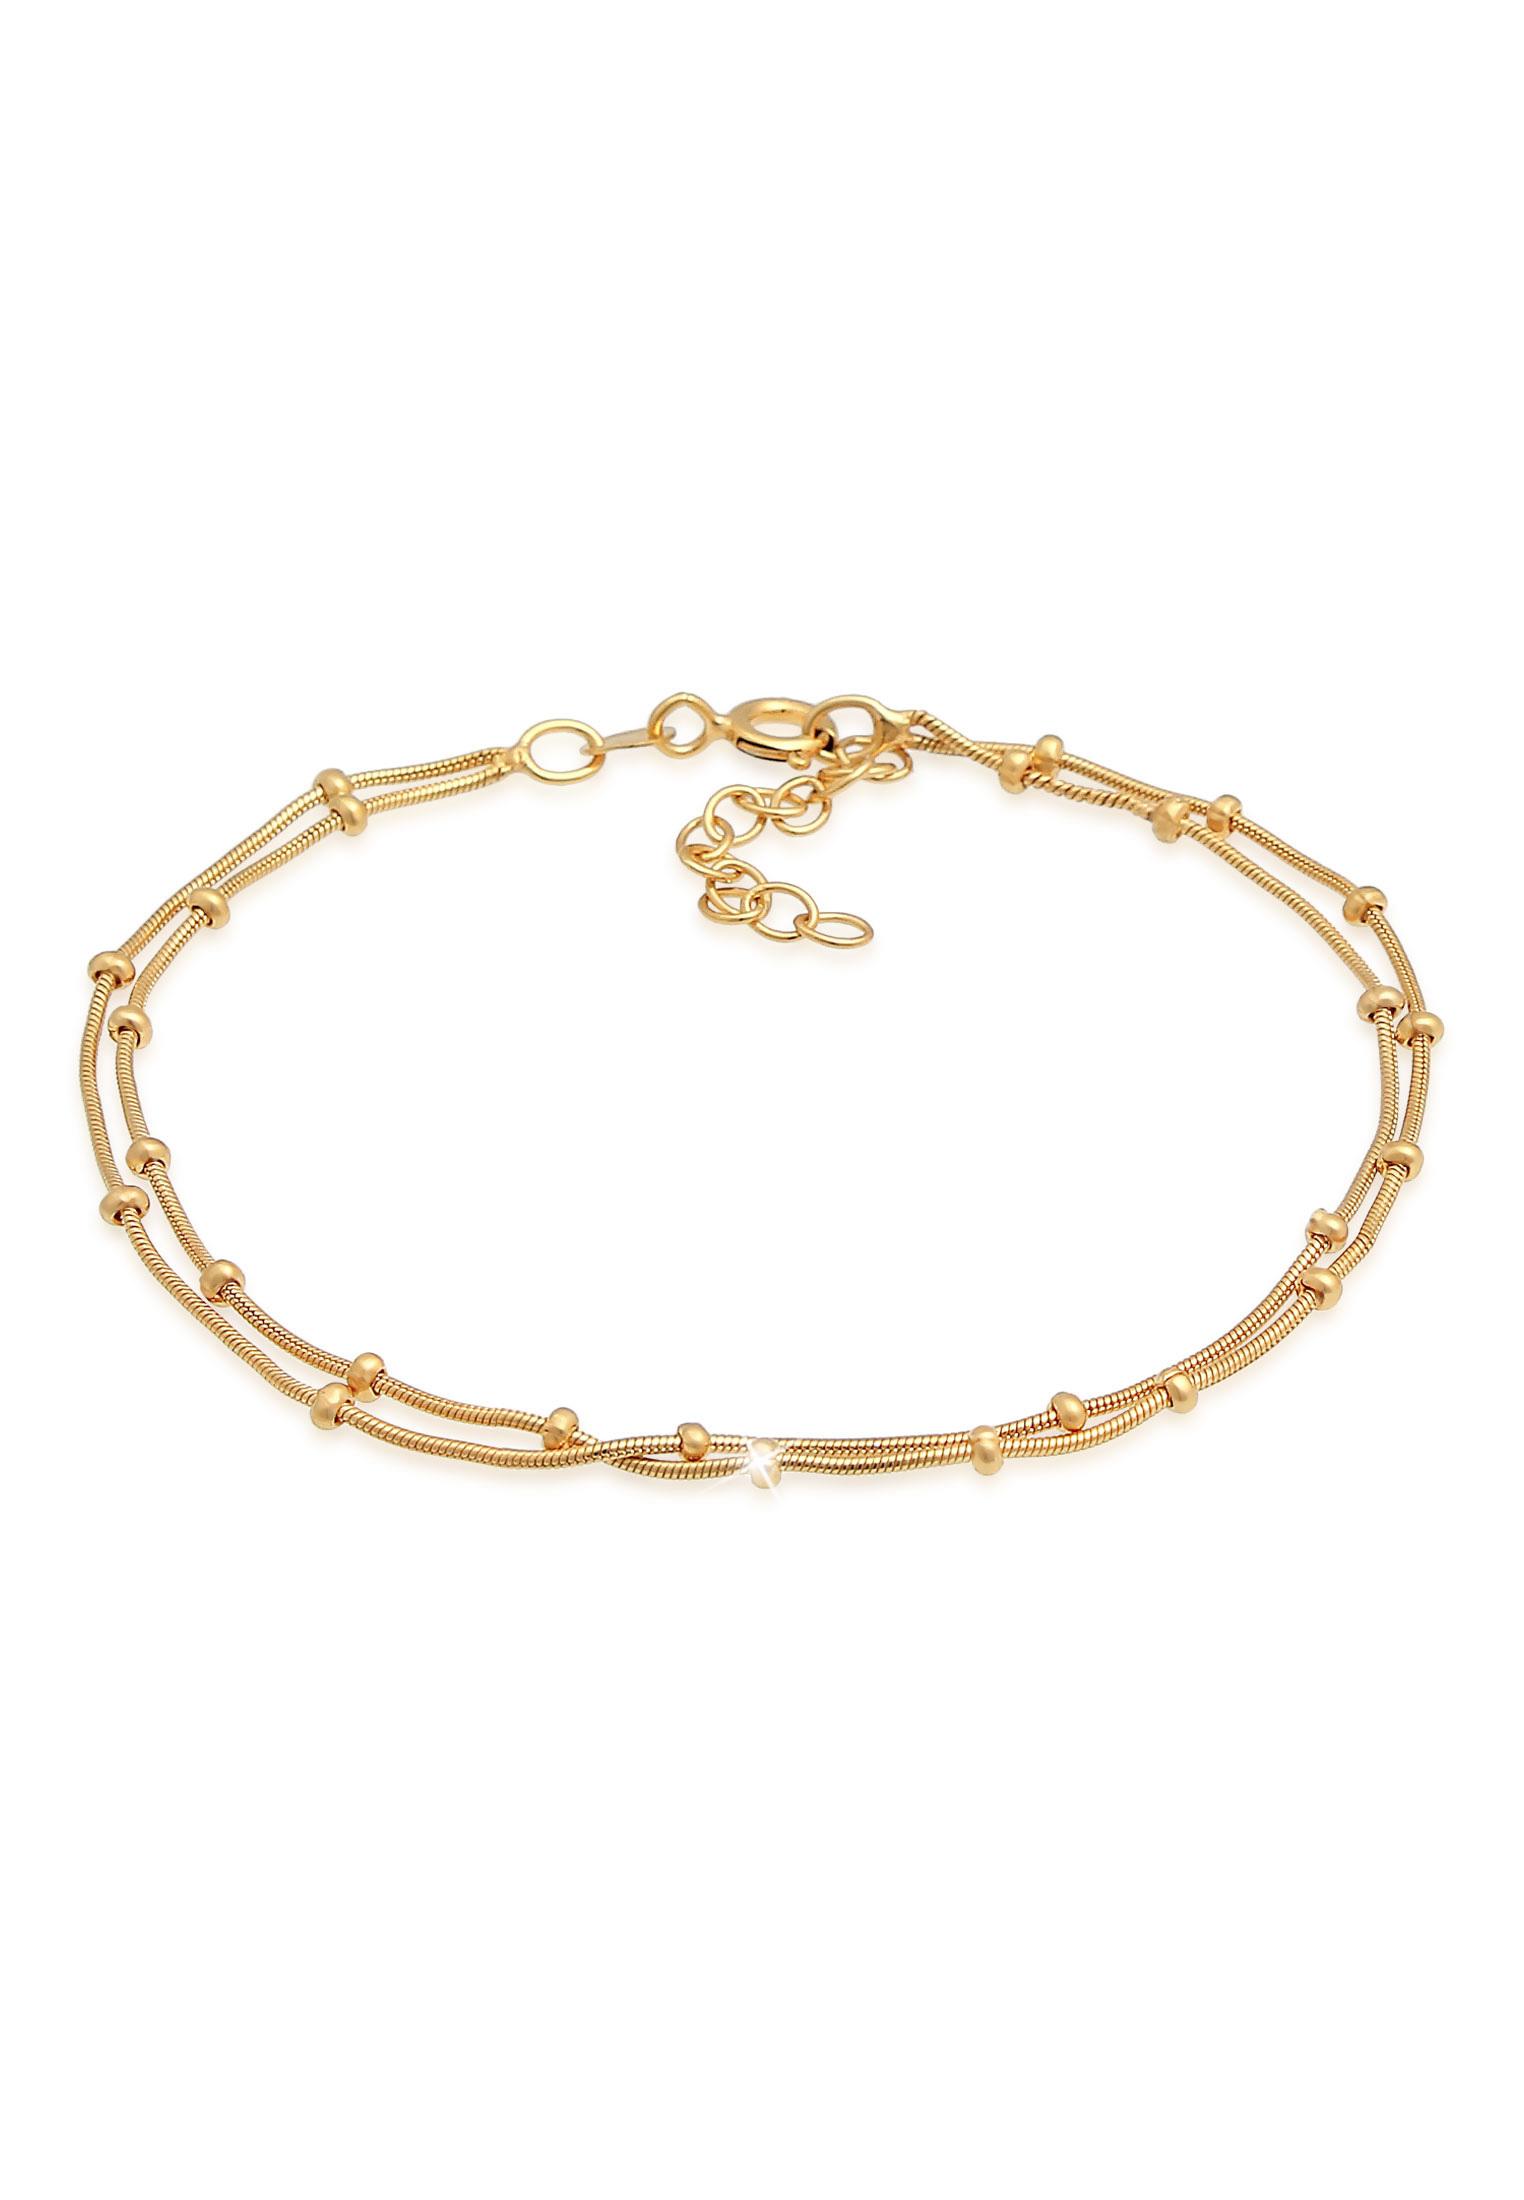 Kugel-Gliederarmband | 925 Sterling Silber vergoldet